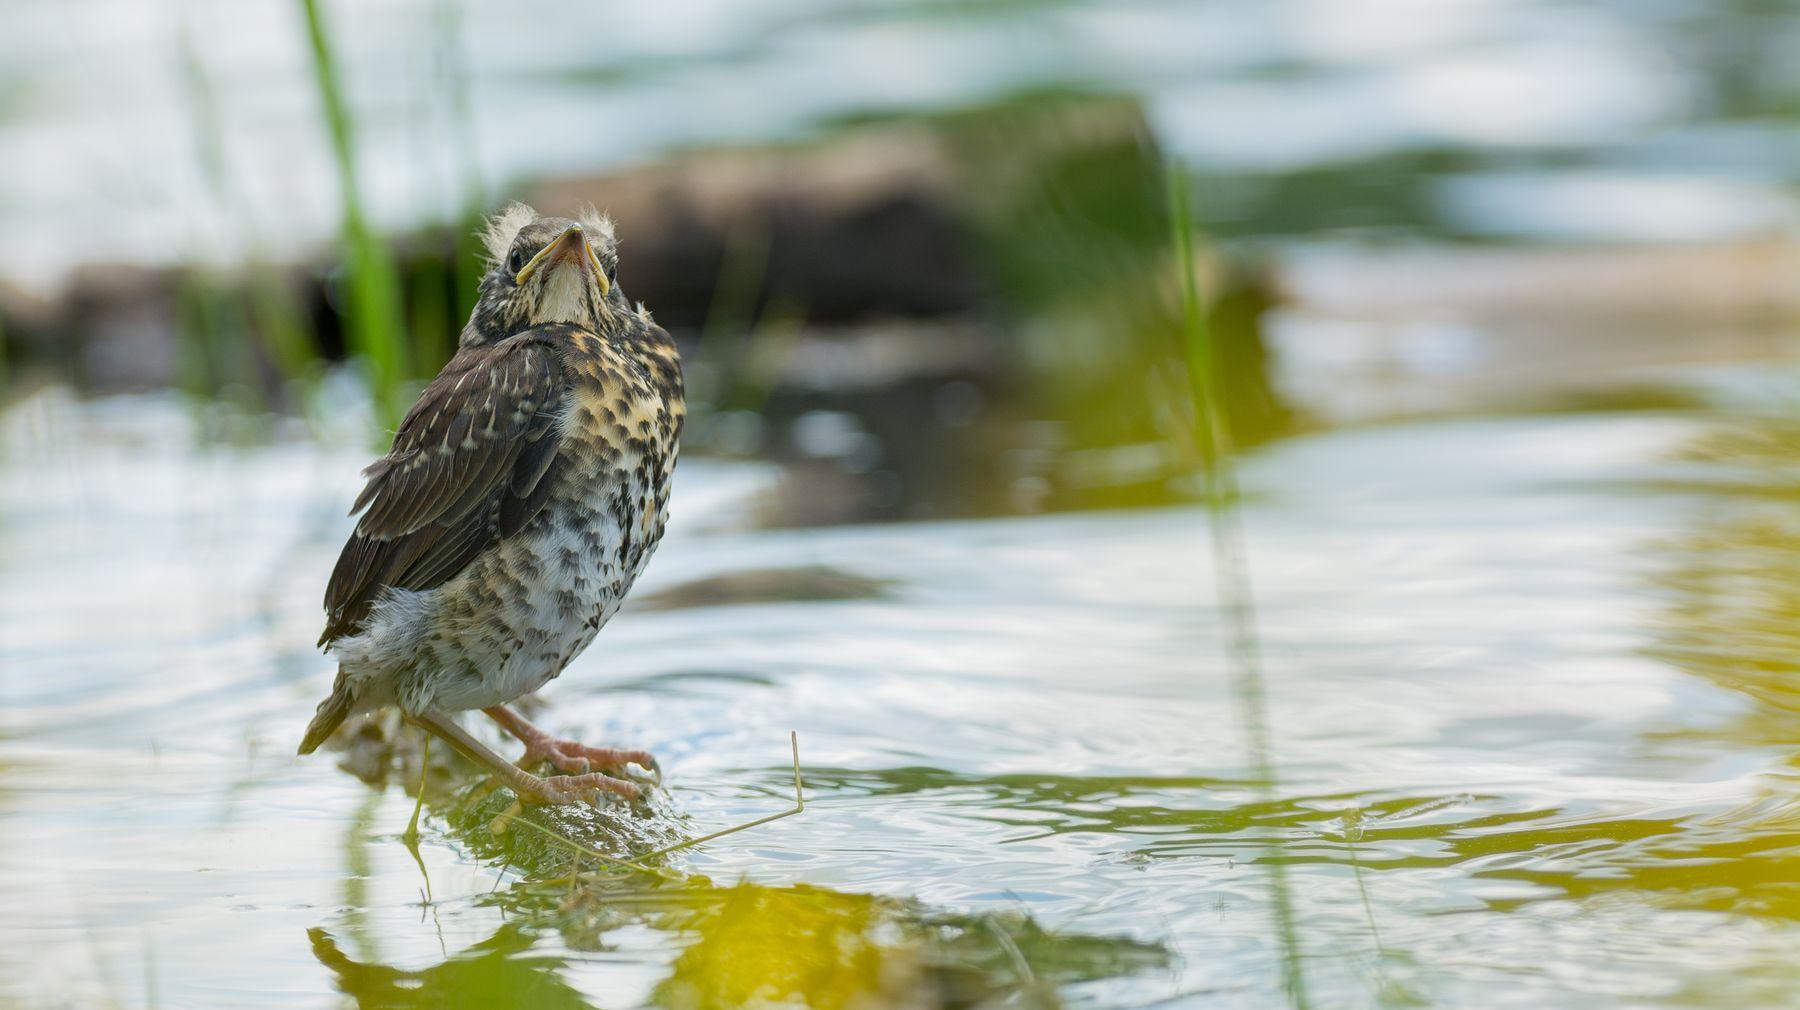 Дроздёныш у воды Дрозд рябинник птицы фотоохота Сибирь